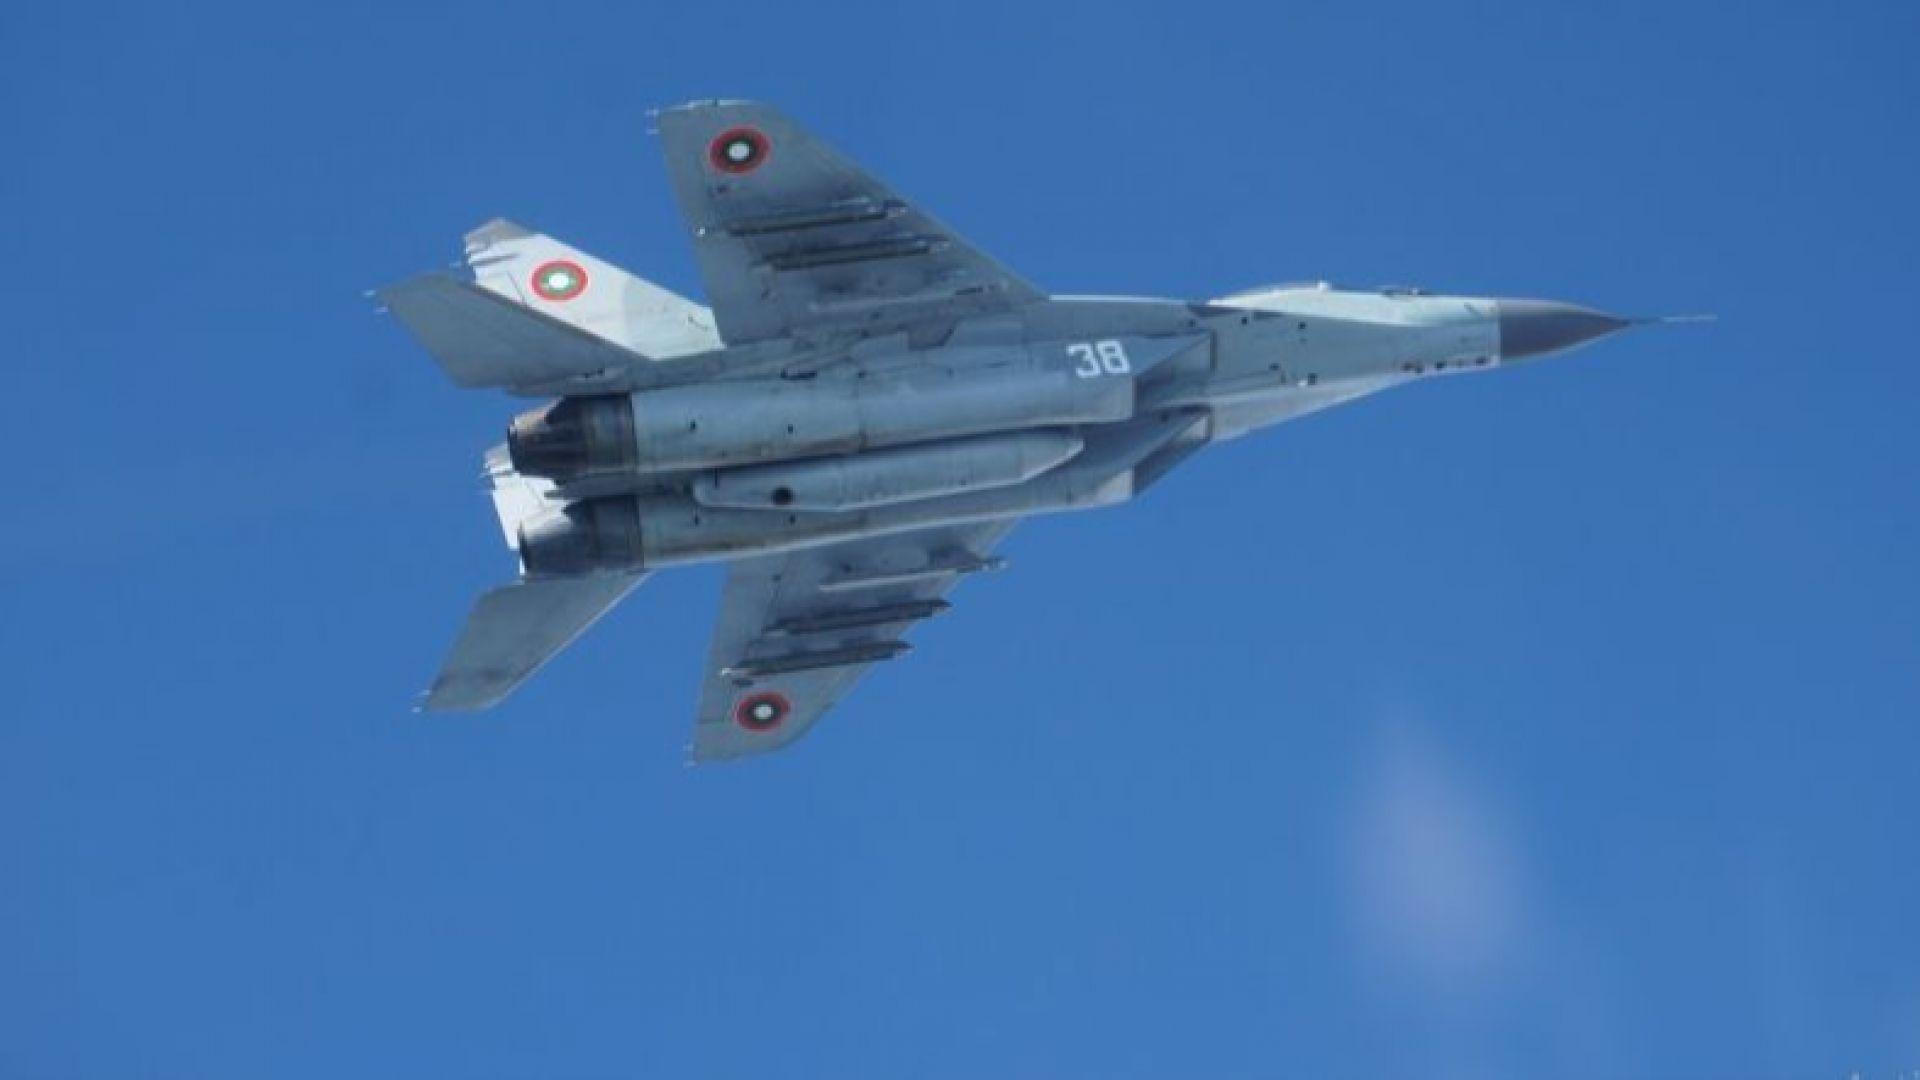 Български МиГ е паднал в Черно море при ученията край Шабла, търсят пилота